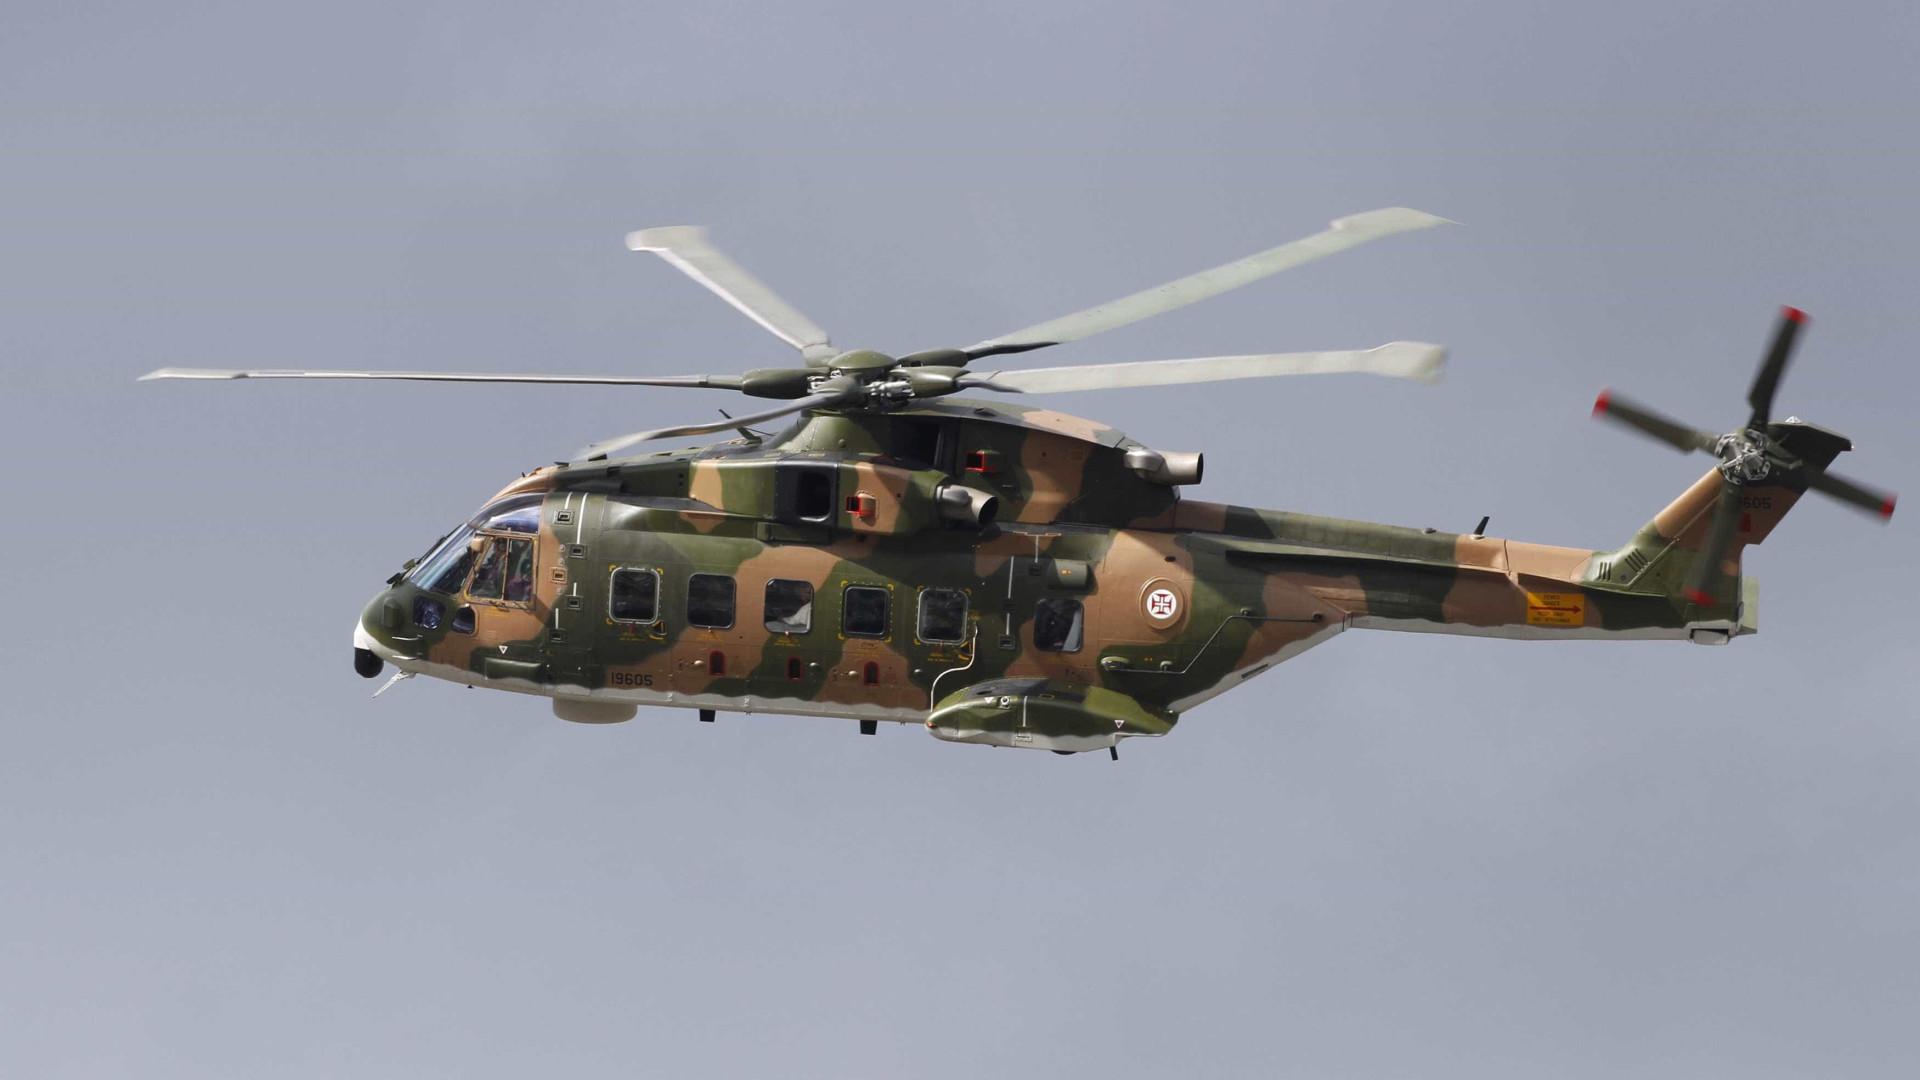 Relação decide entregar a Sintra processo de corrupção na Força Aérea